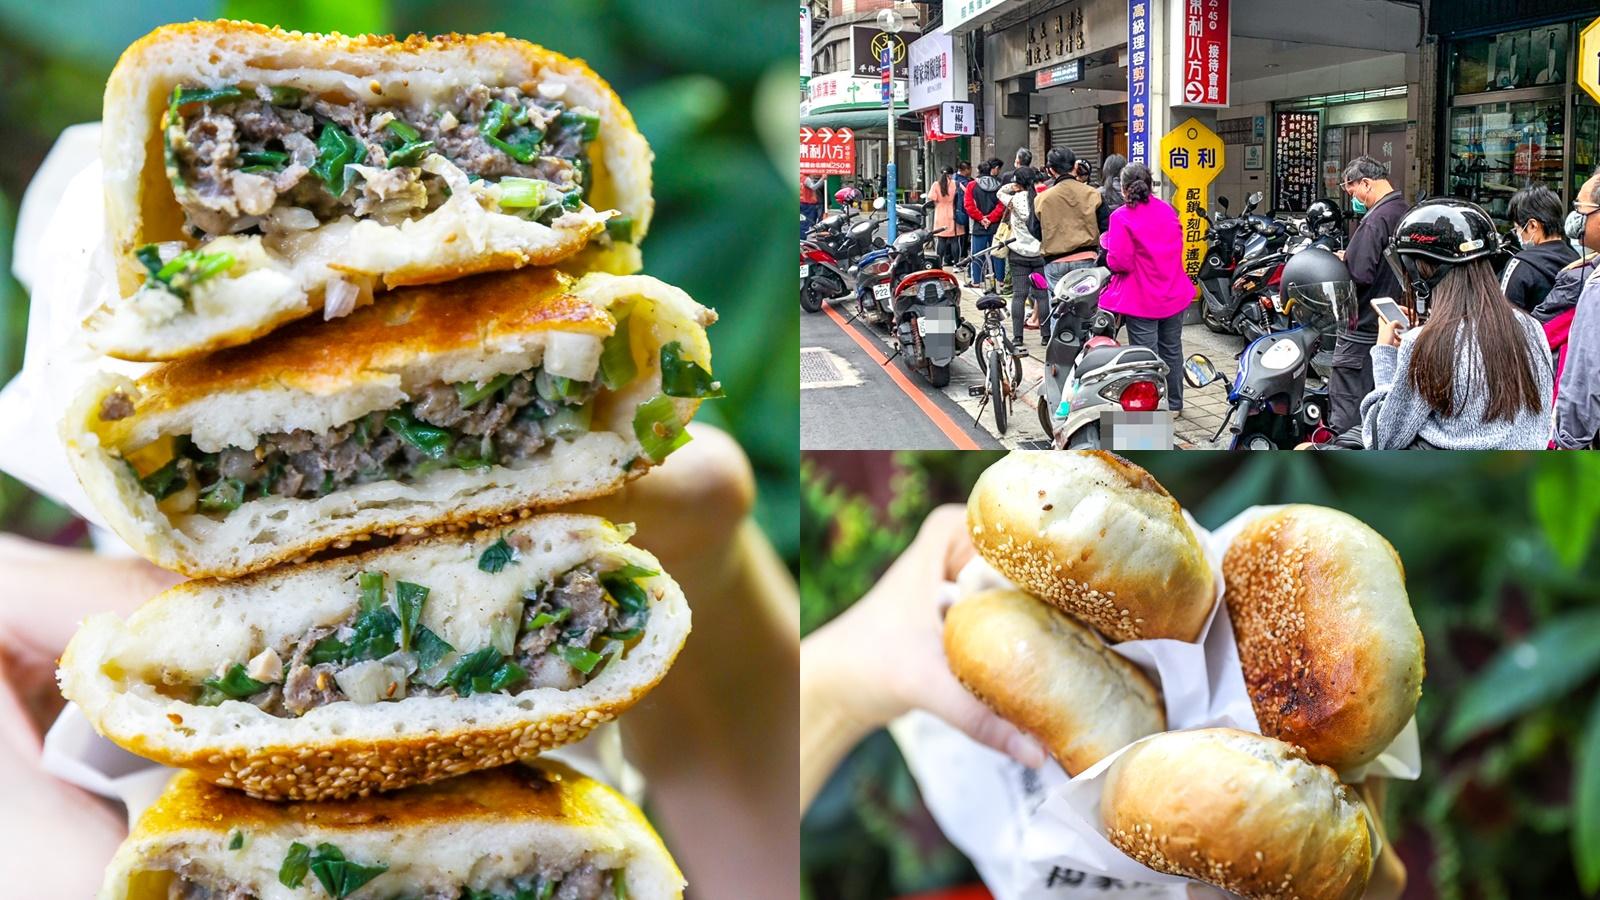 楊家胡椒餅,楊家胡椒餅菜單,三重美食,三重,台北,胡椒餅